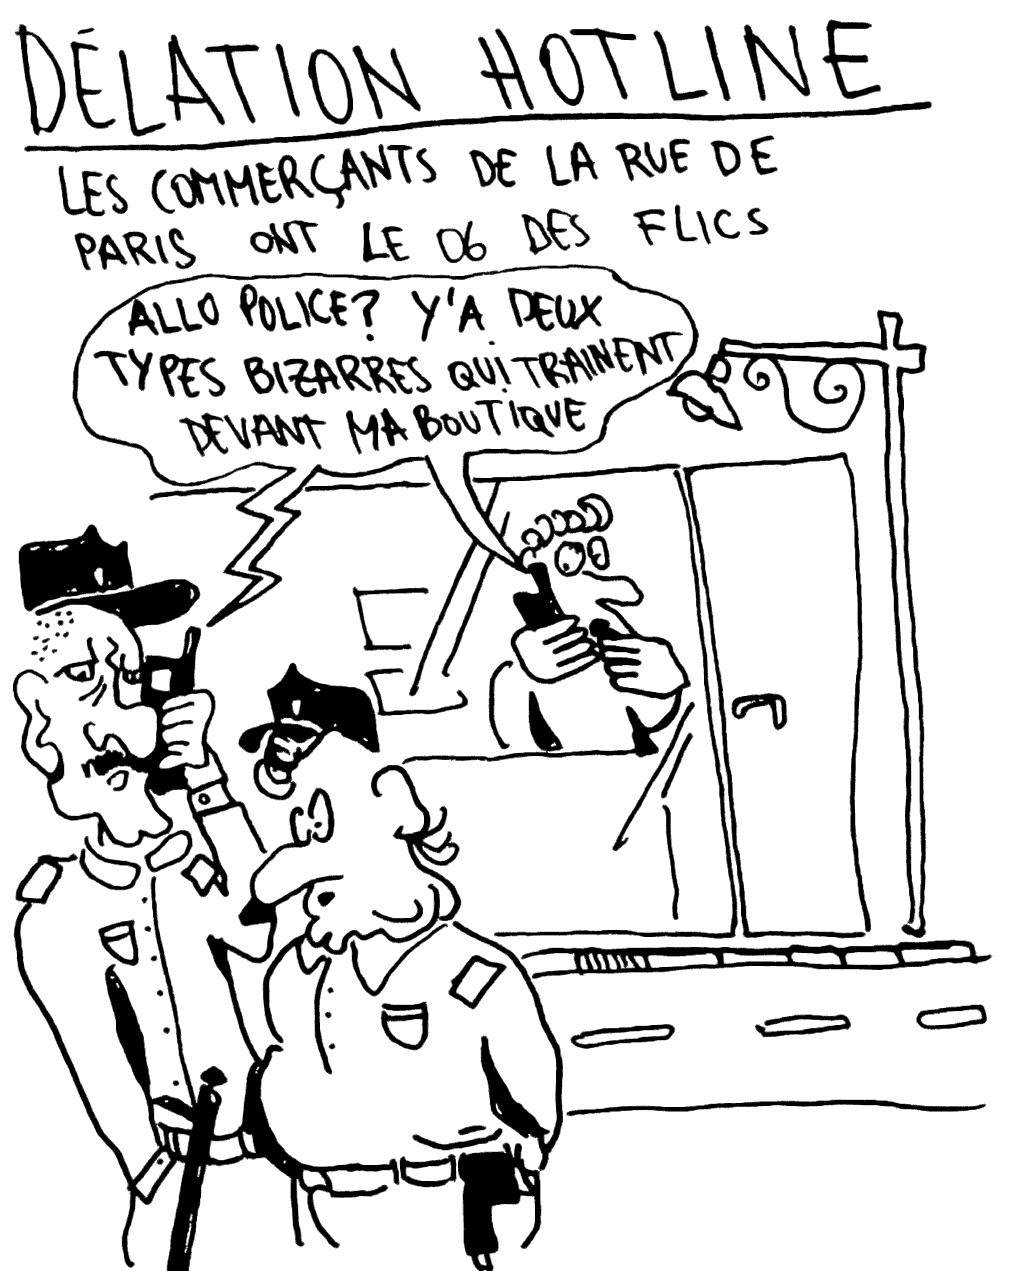 #6 – Circulez y'a rien à boire: histoires et déboires des gars du Bar-Tabac Le Jean Bart